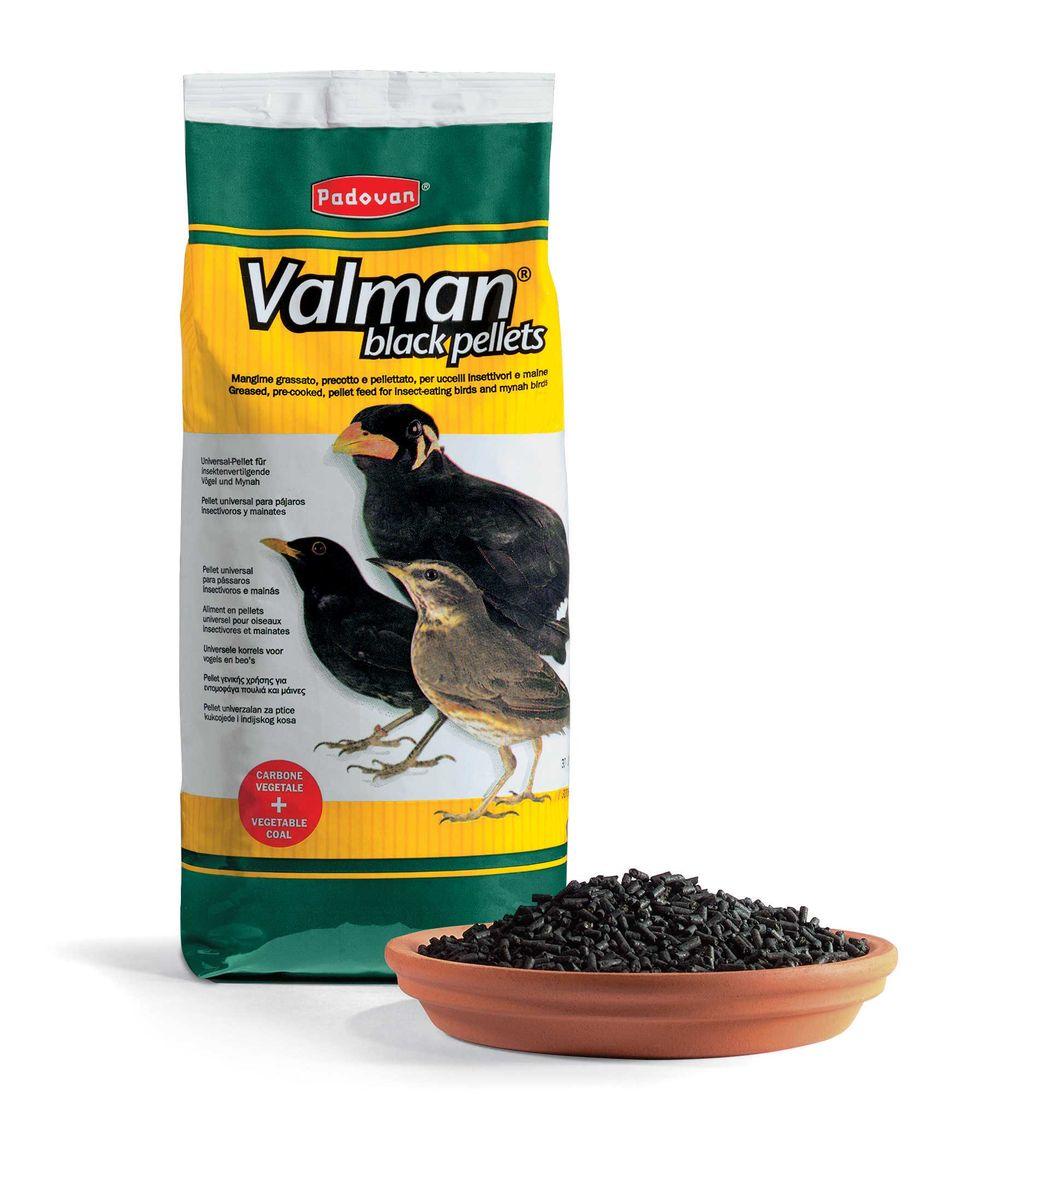 Корм Padovan Valman black pellets, дополнительный, для насекомоядных птиц, с активированным углем и овощами, 1 кг корм для птиц vitakraft menu vital для волнистых попугаев основной 1кг